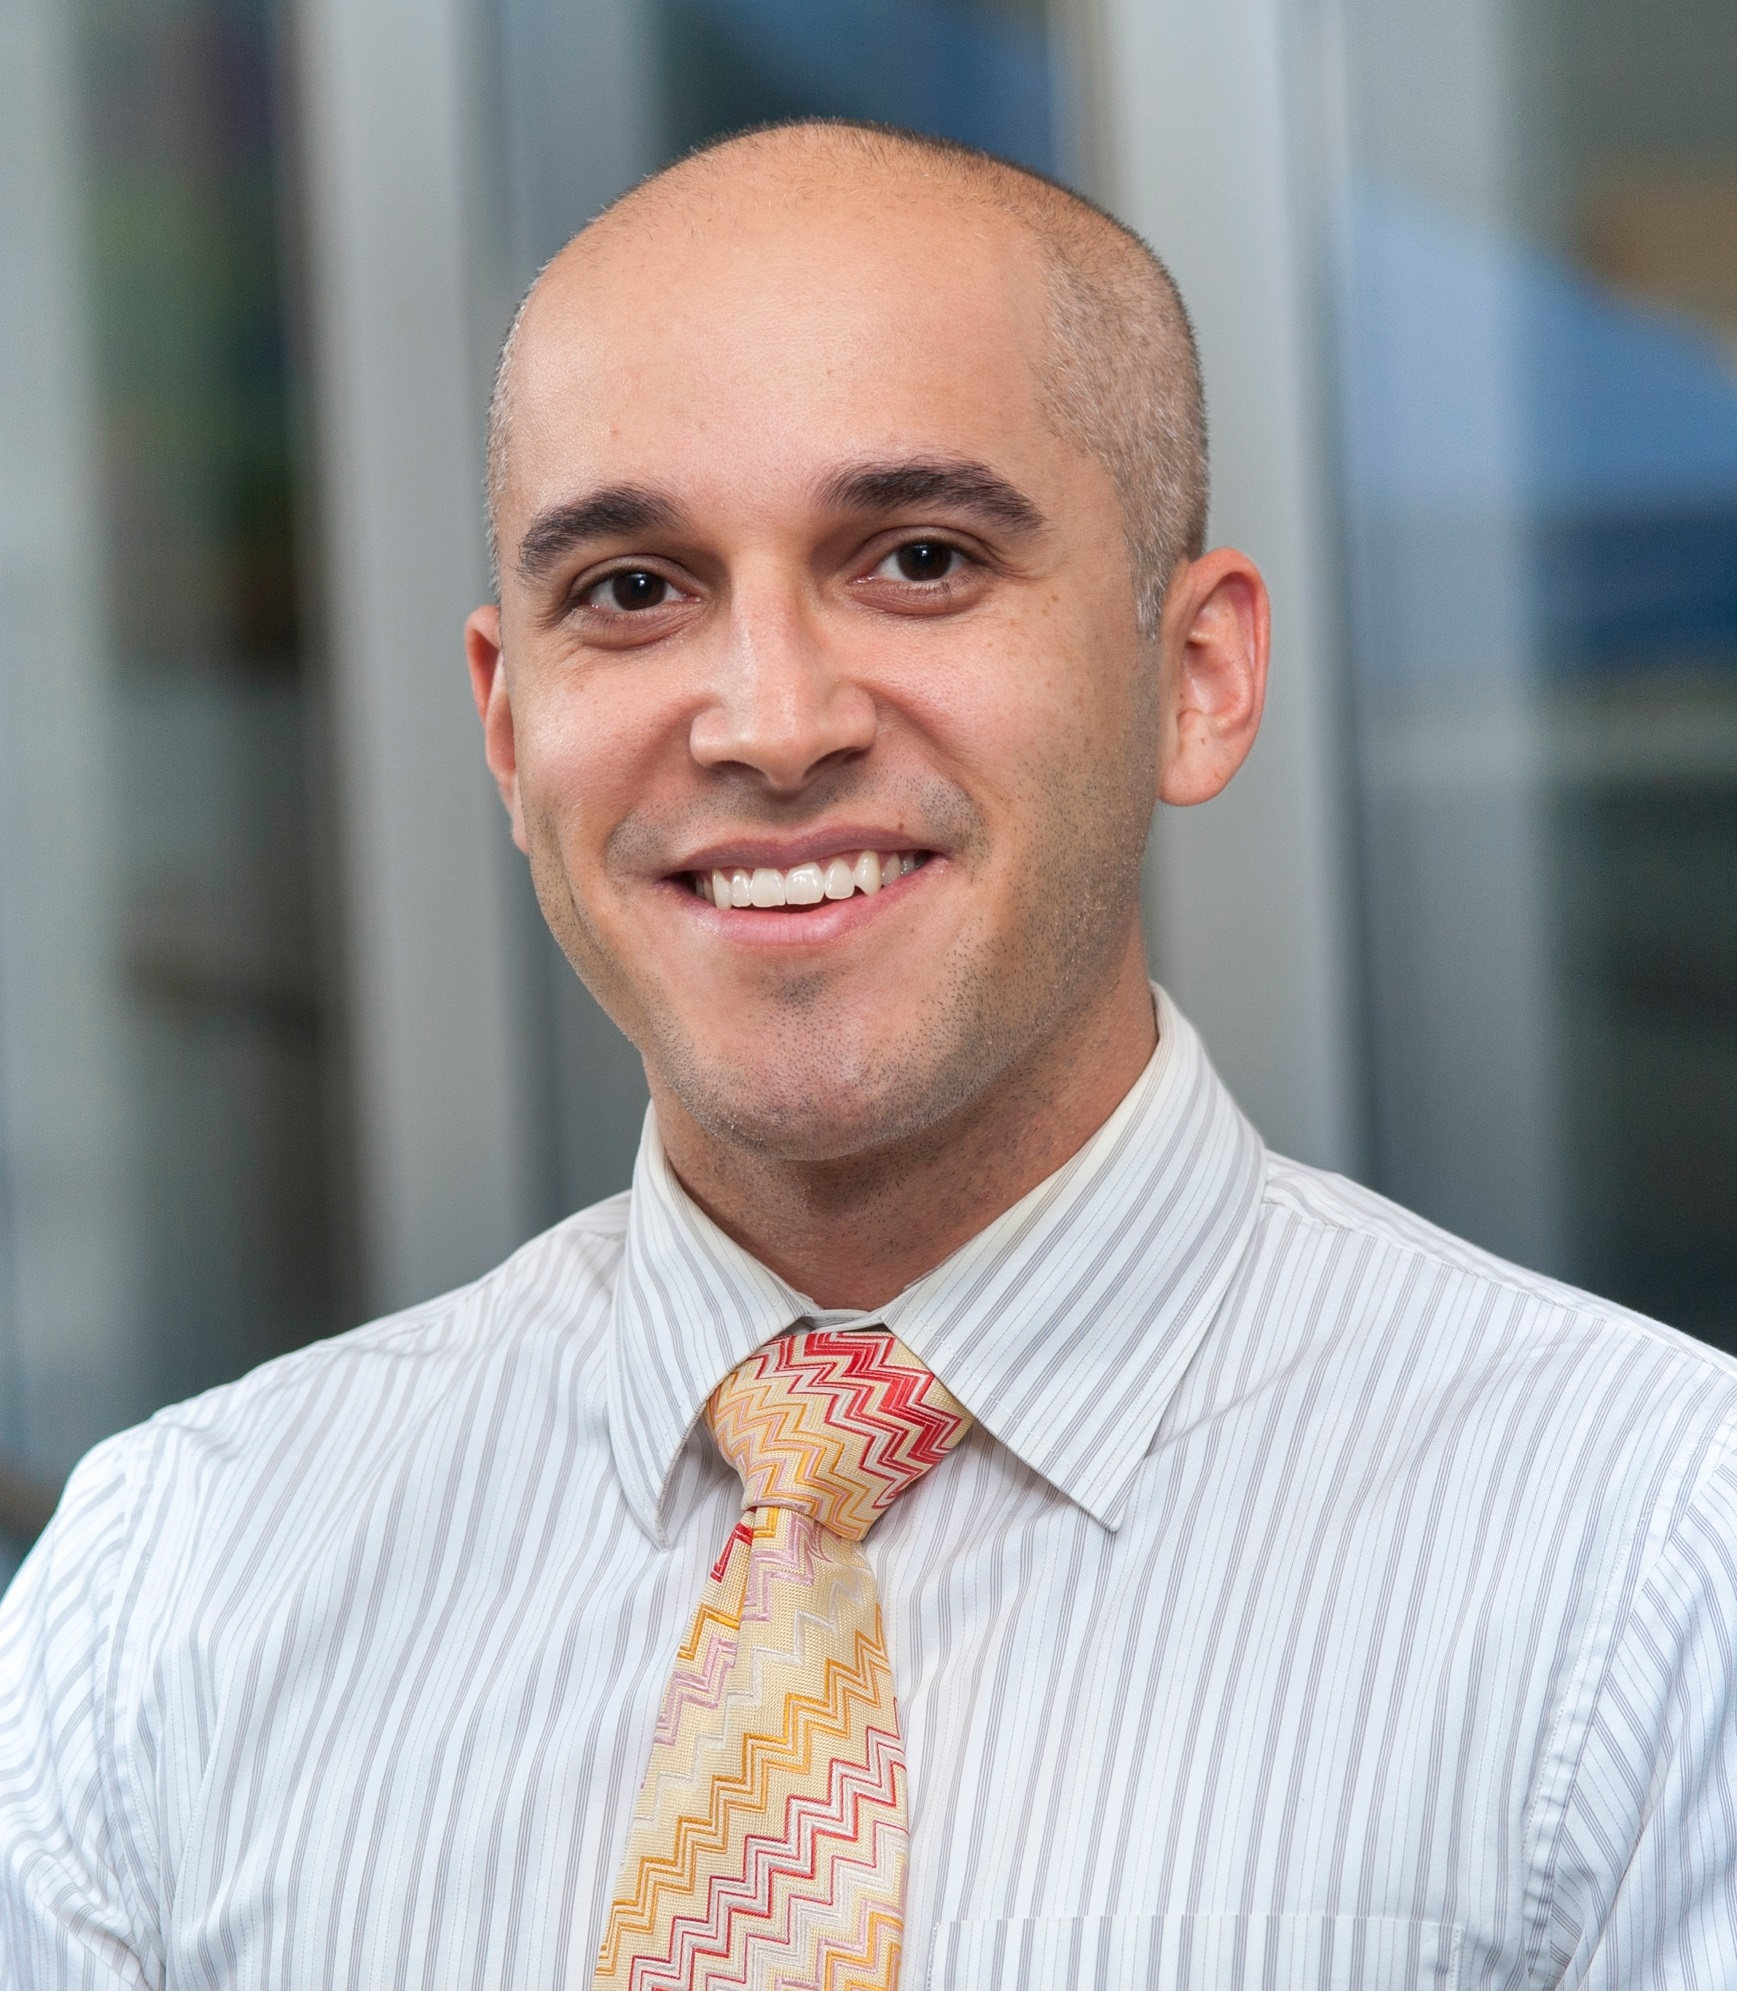 Nelson Sanchez, MD. Source: Ethan Kavet